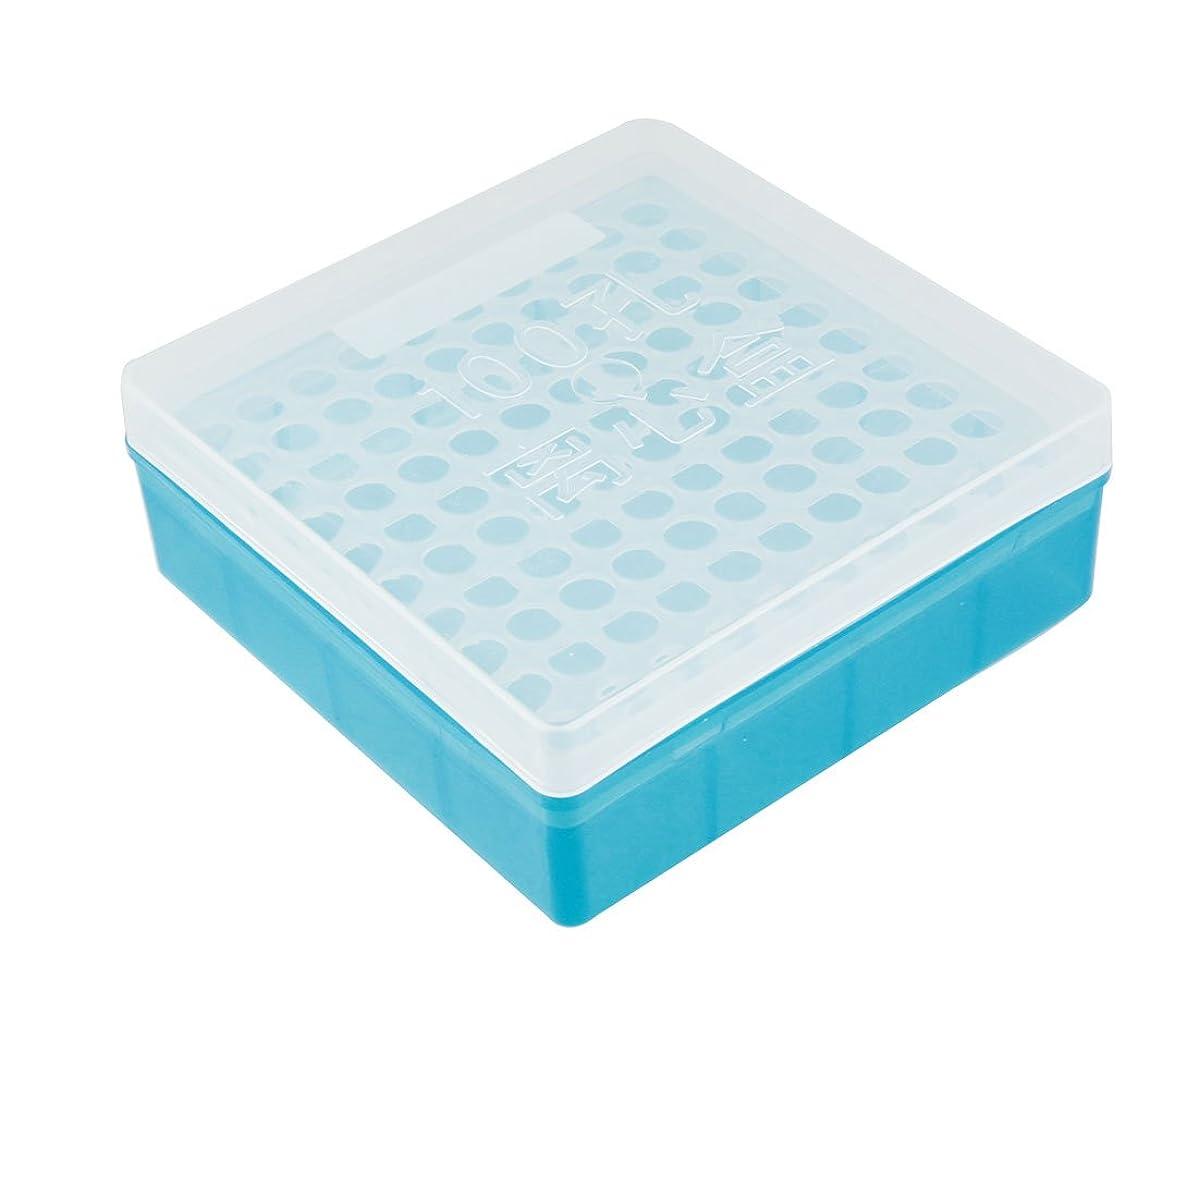 醸造所巨大ビジュアルuxcell 遠心分離機 チューブ スタンド ボックス 実験室 クリアブルー プラスチック 100個ポジション